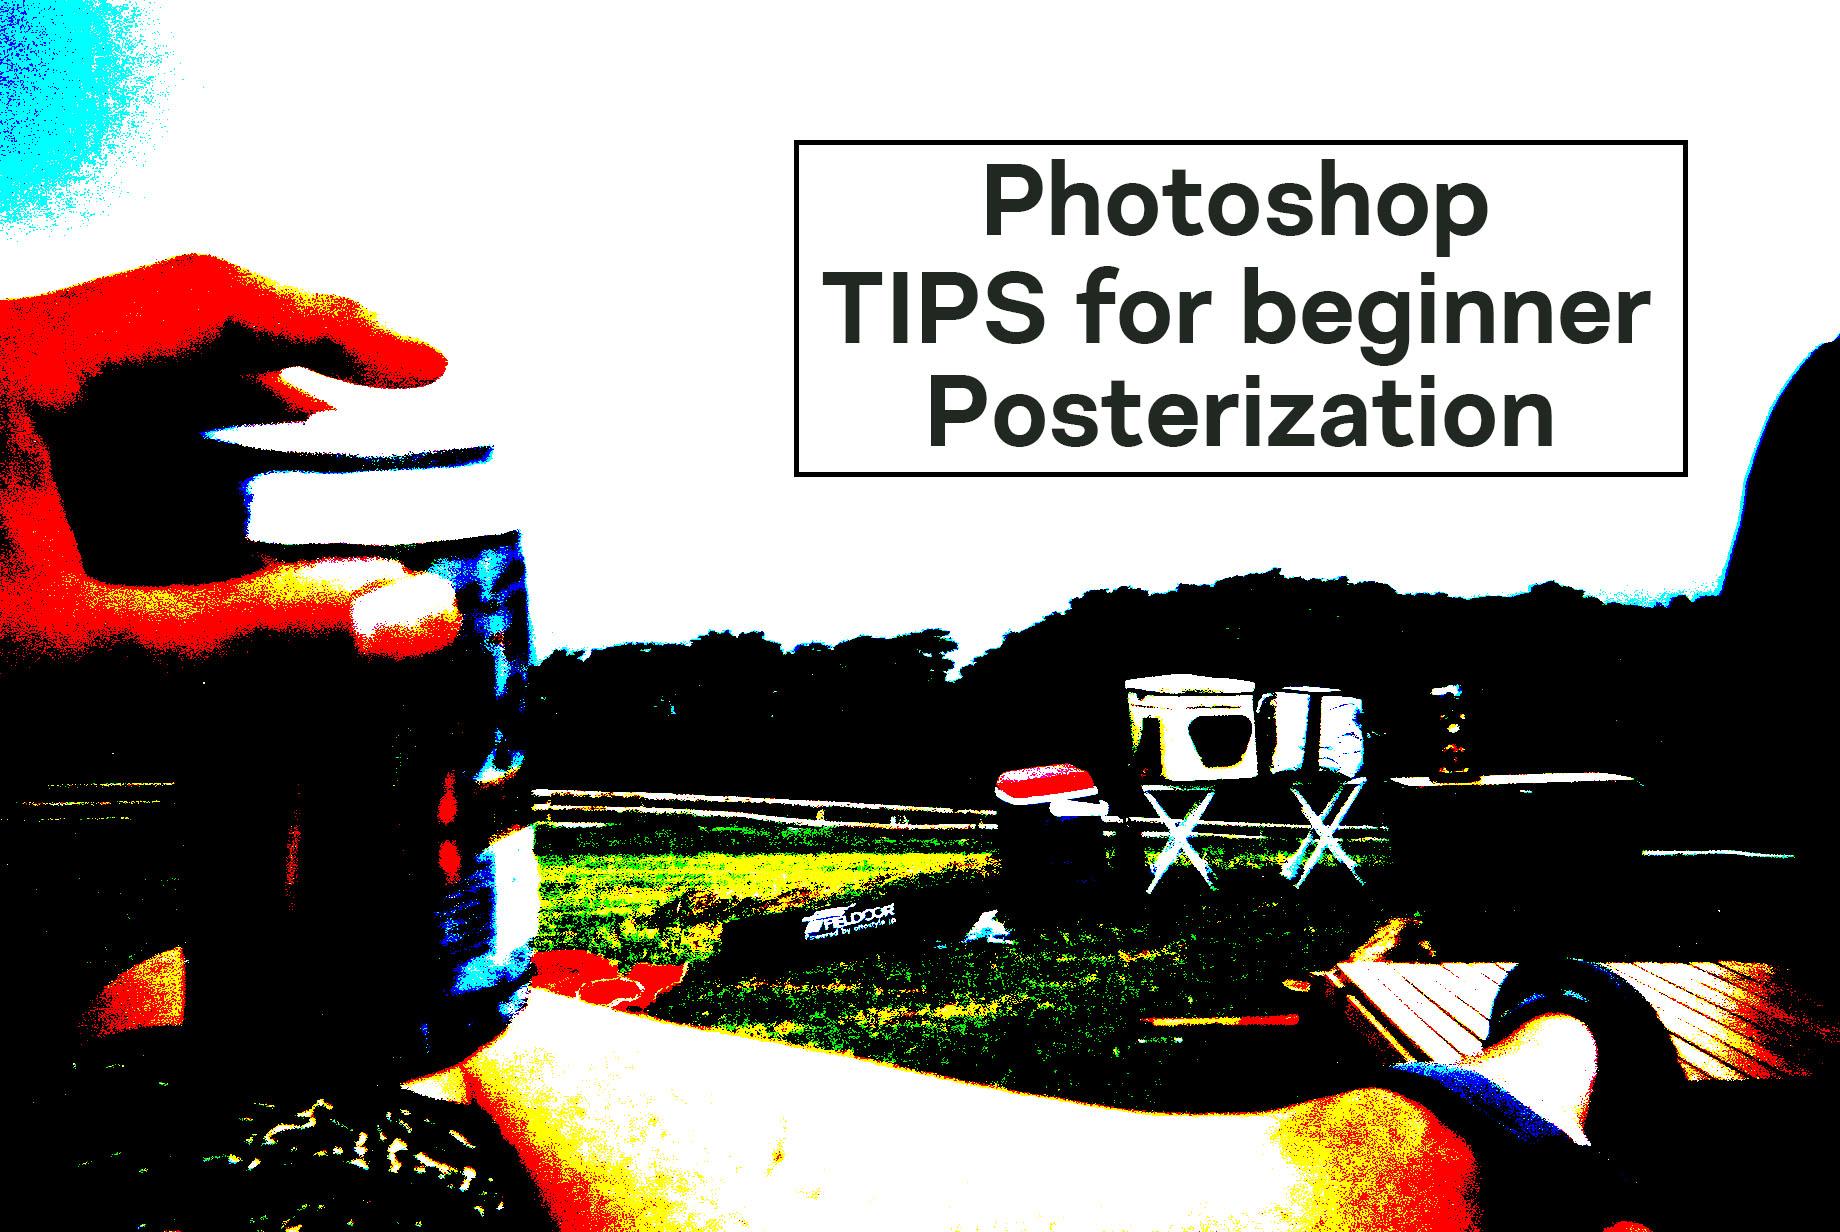 フォトショップのポスタリゼーションで加工したキャンプでビール片手にくつろぐ画像